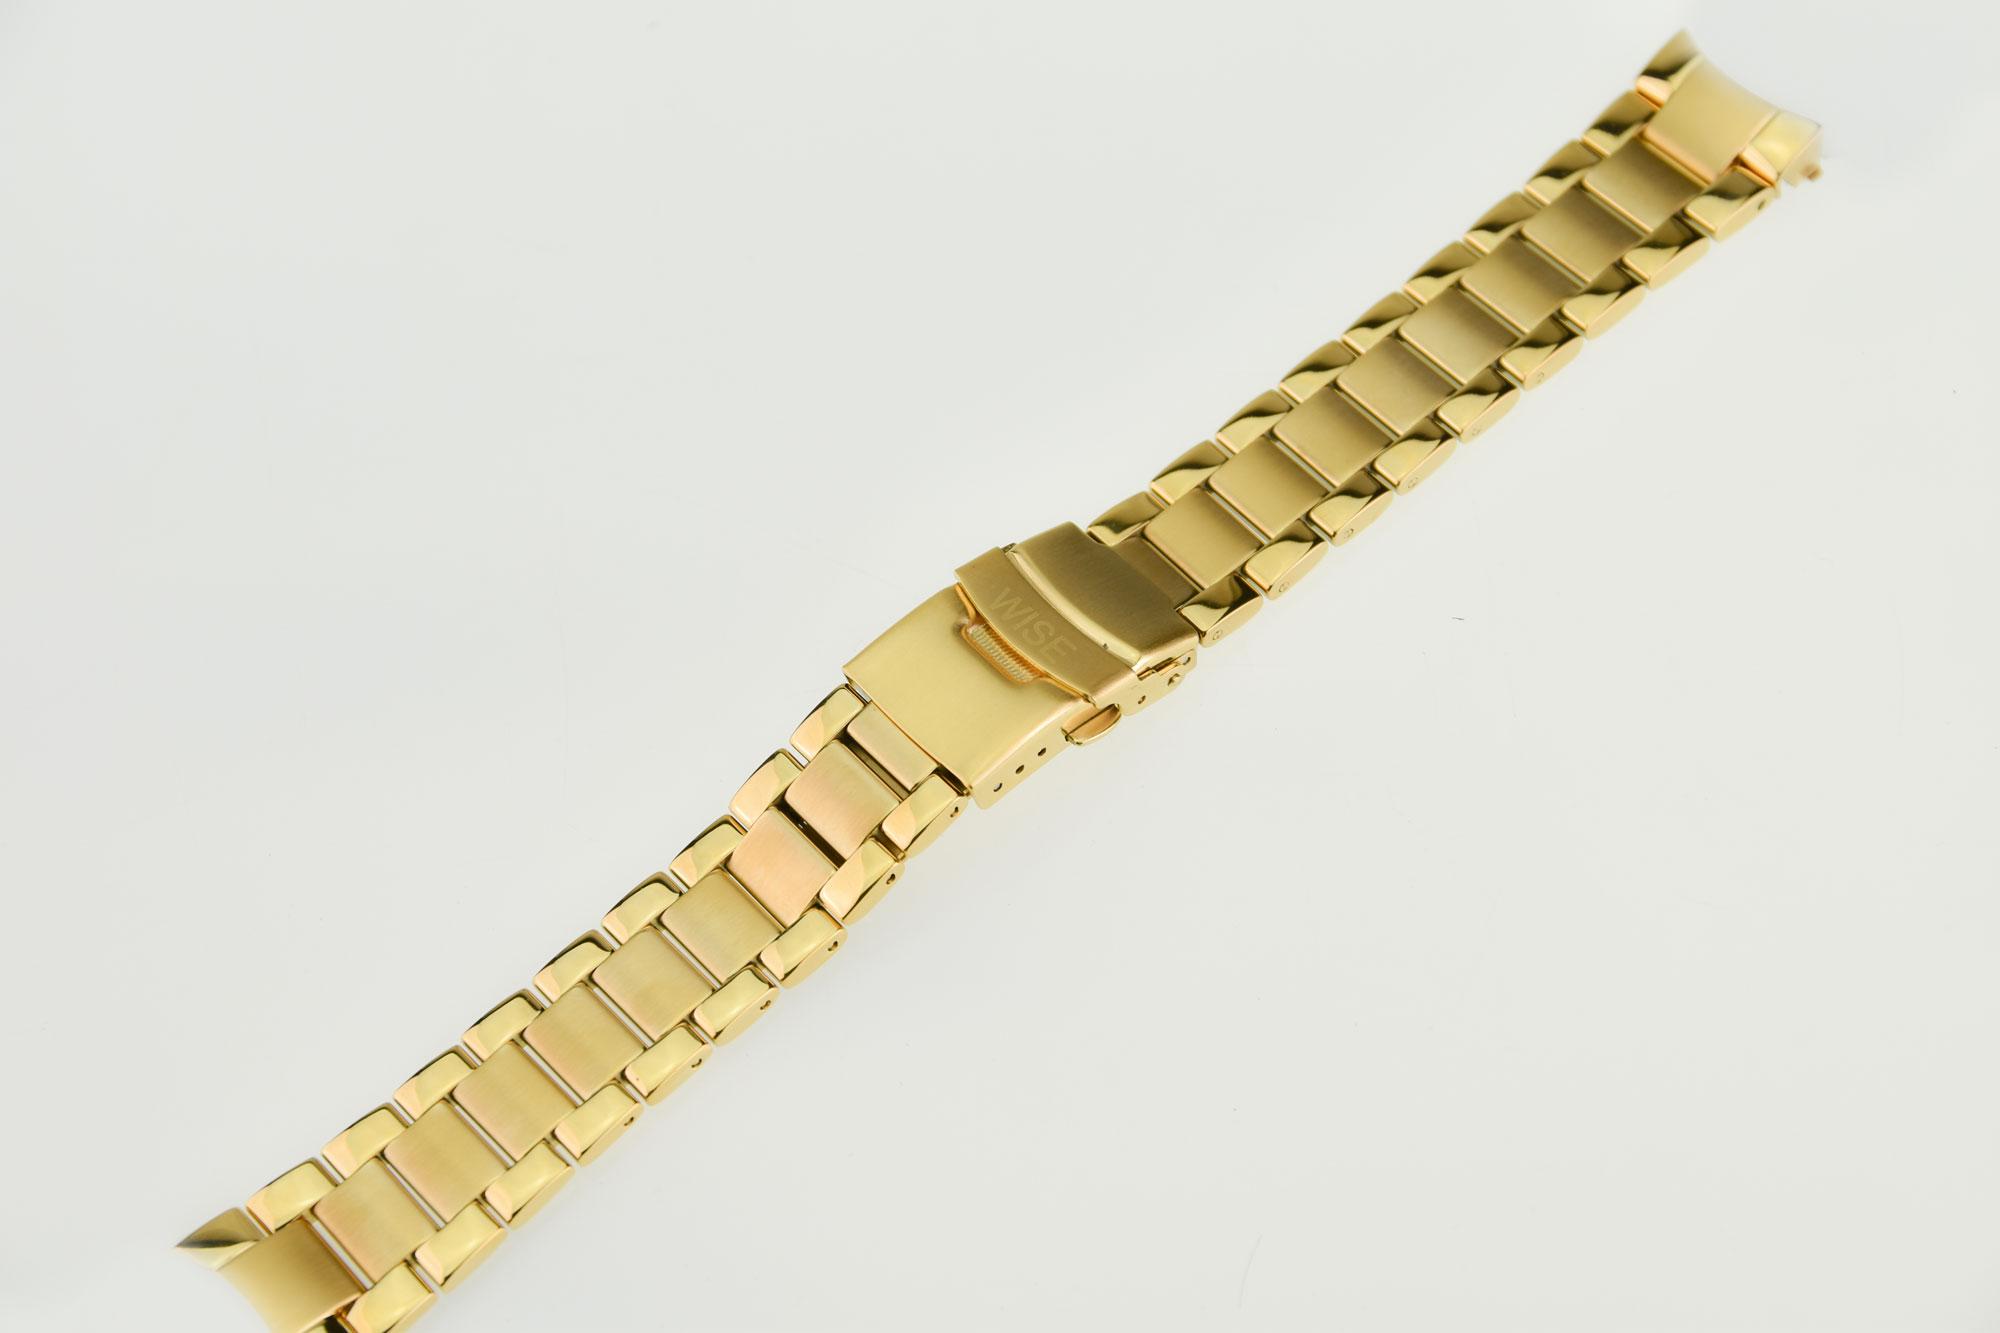 สายสแตนเลสสีทอง ขนาดรุ่น 40 mm.